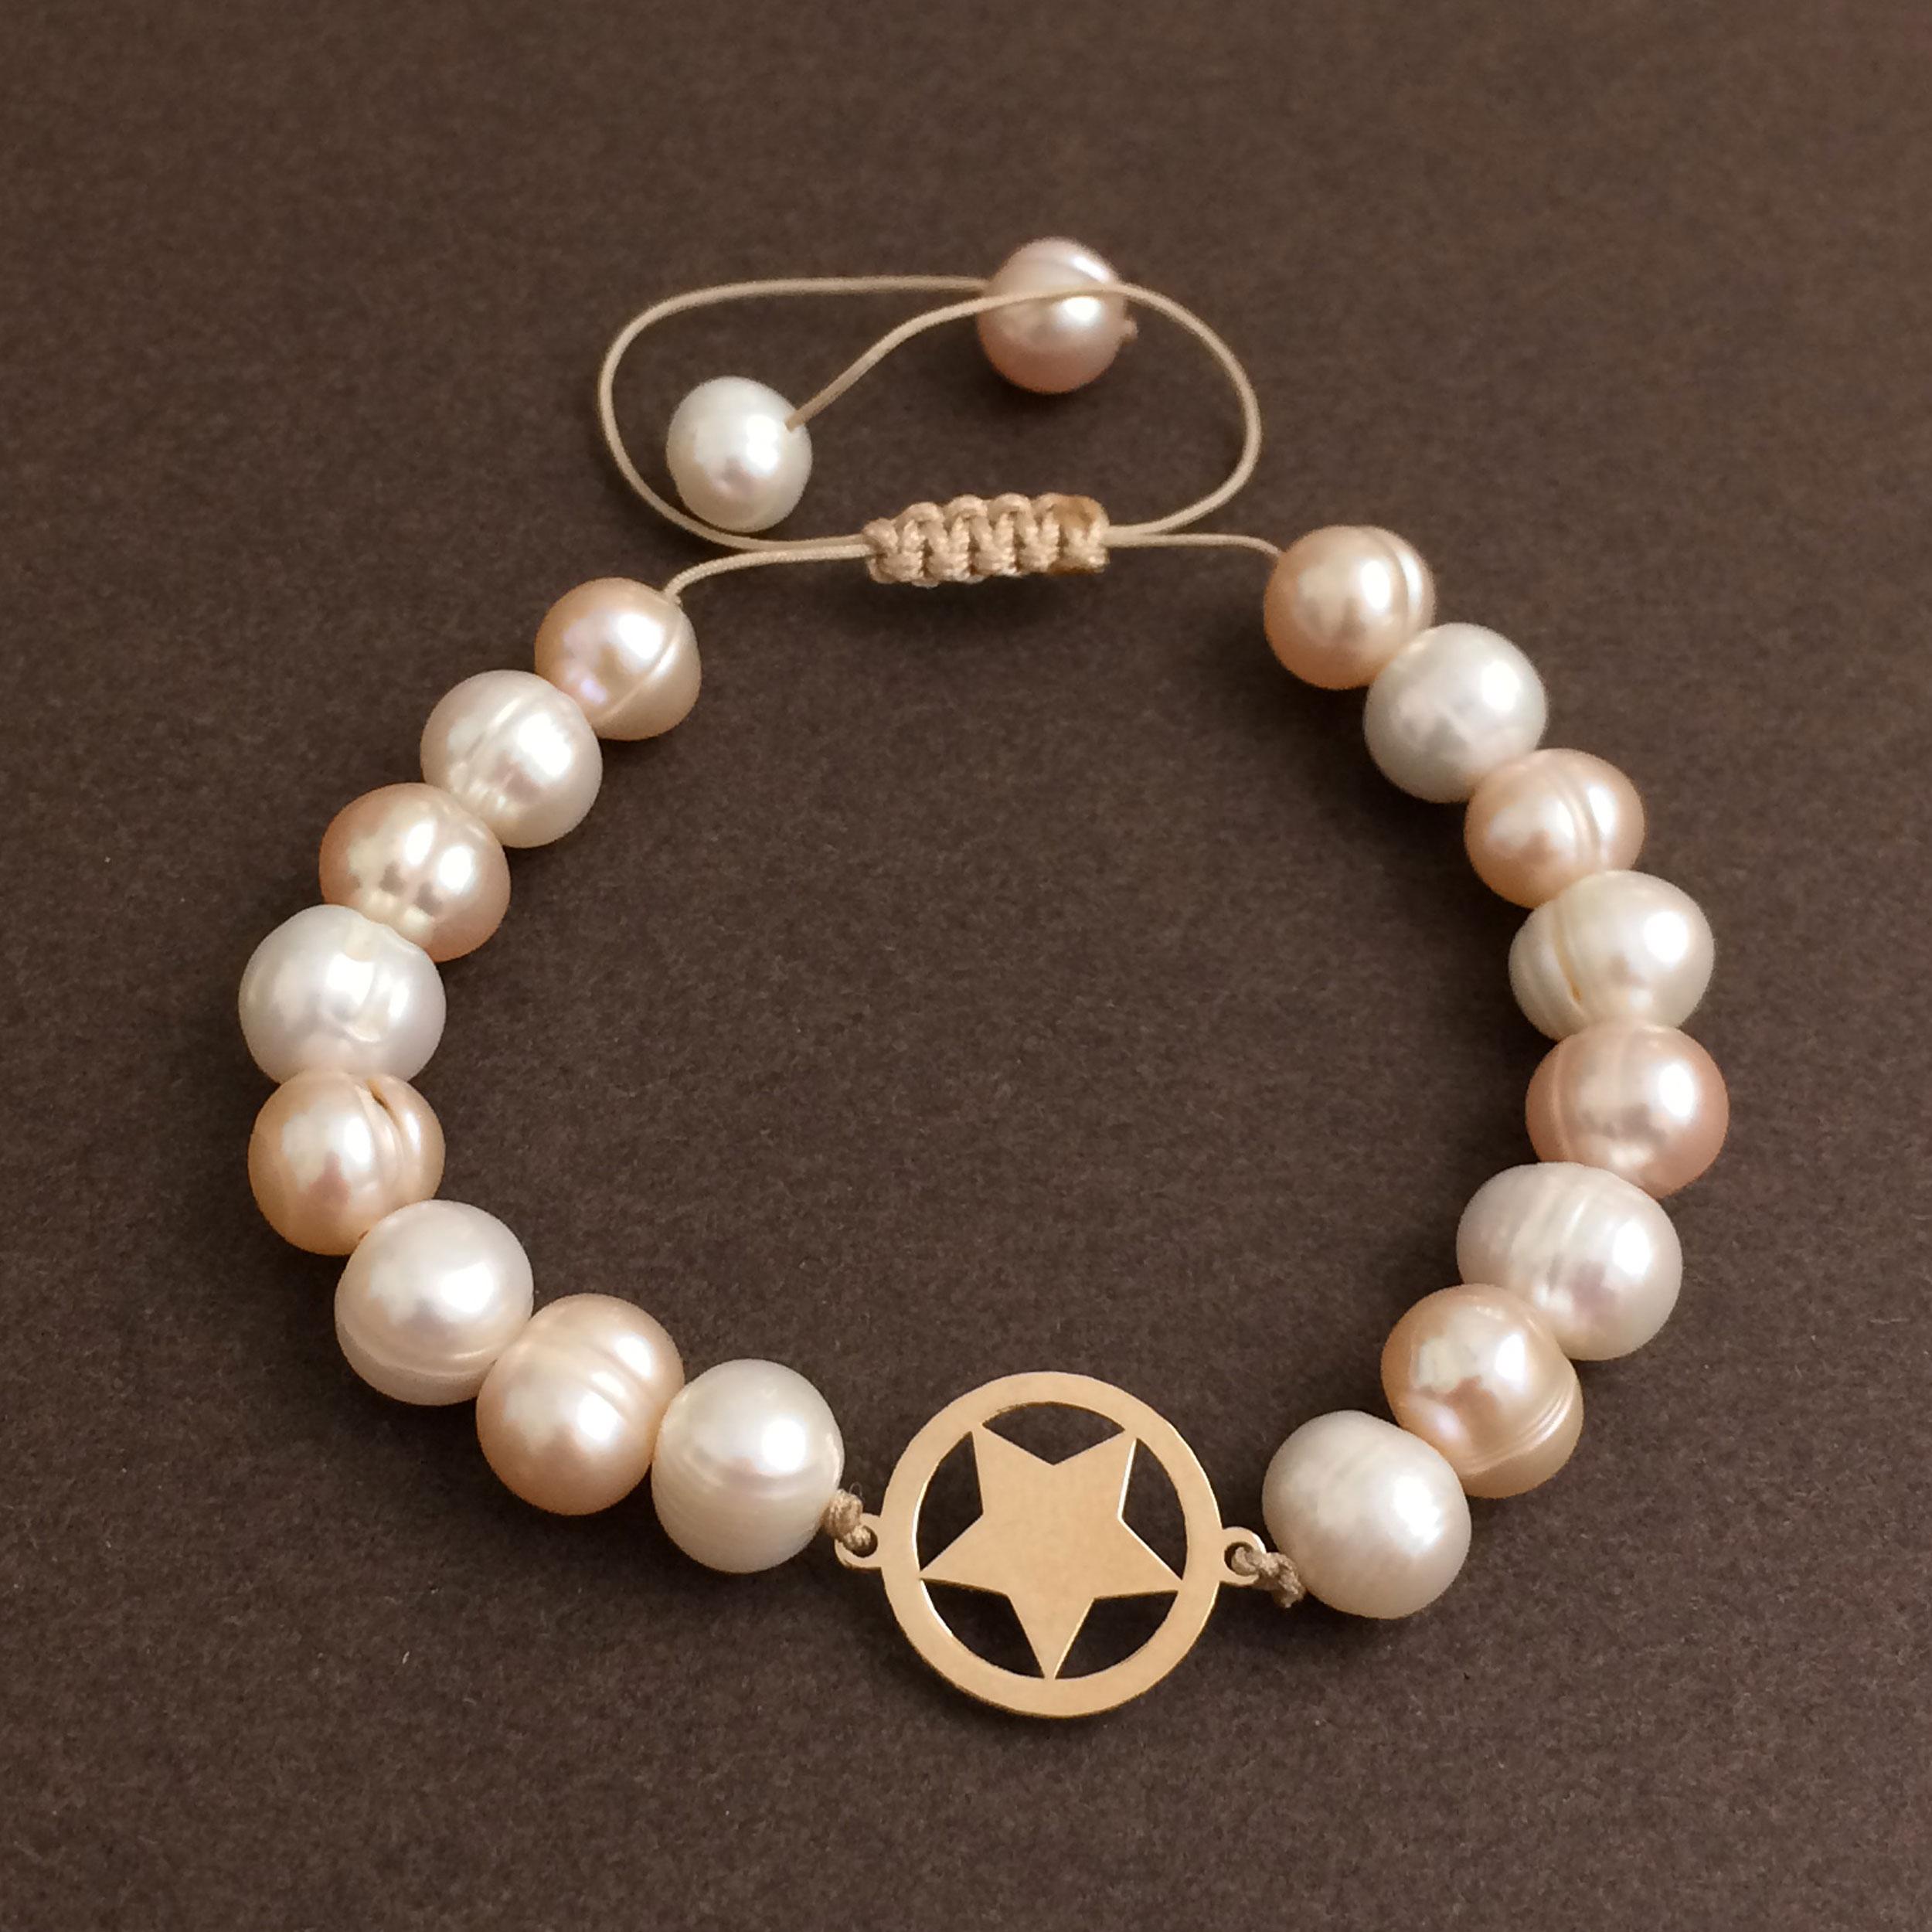 دستبند طلا 18 عیار زنانه الماسین آذر کد SETARE01 -  - 2